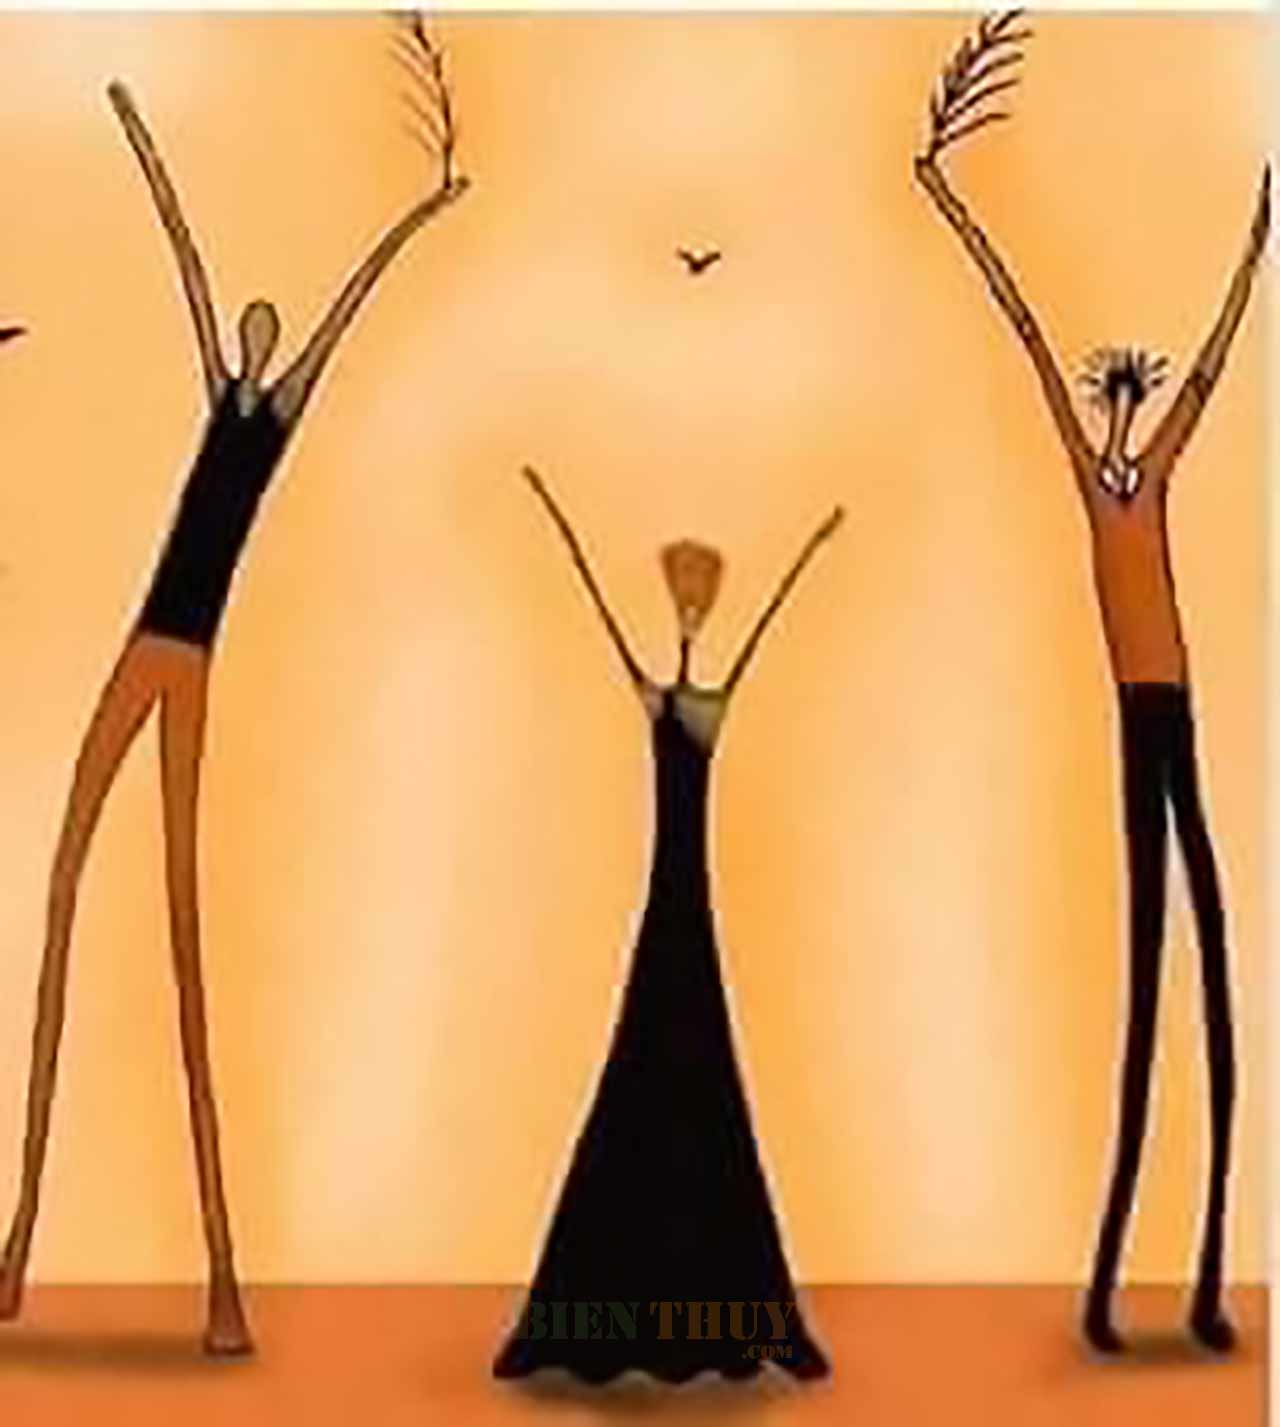 Bức tranh trừu tượng - Hình ảnh hài hước về cuộc sống